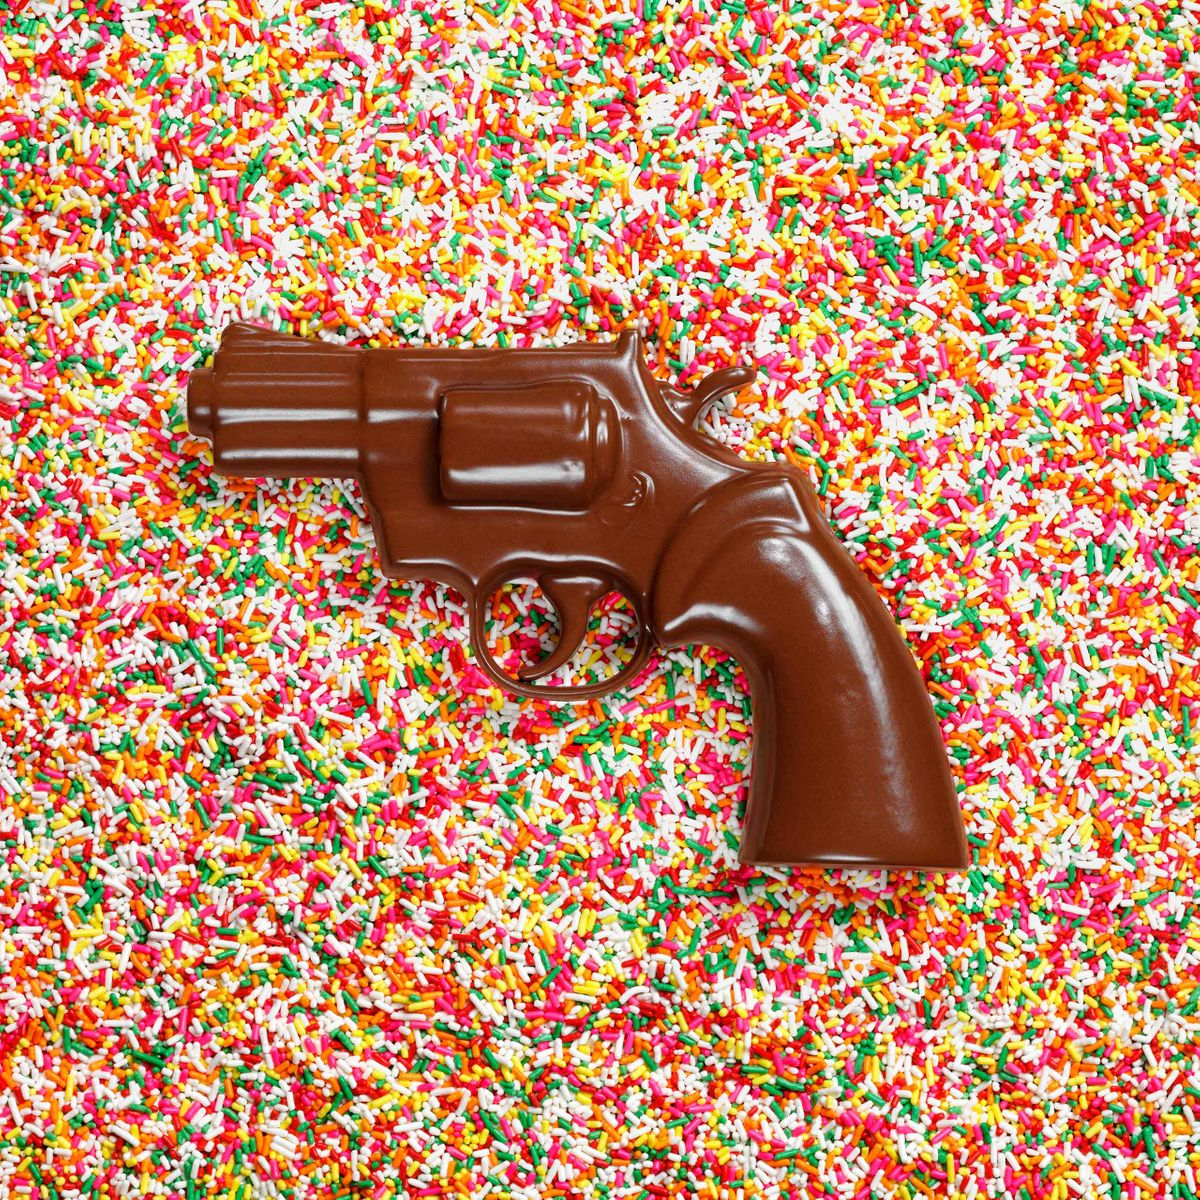 Chocolate_Handgun_Sized.jpg